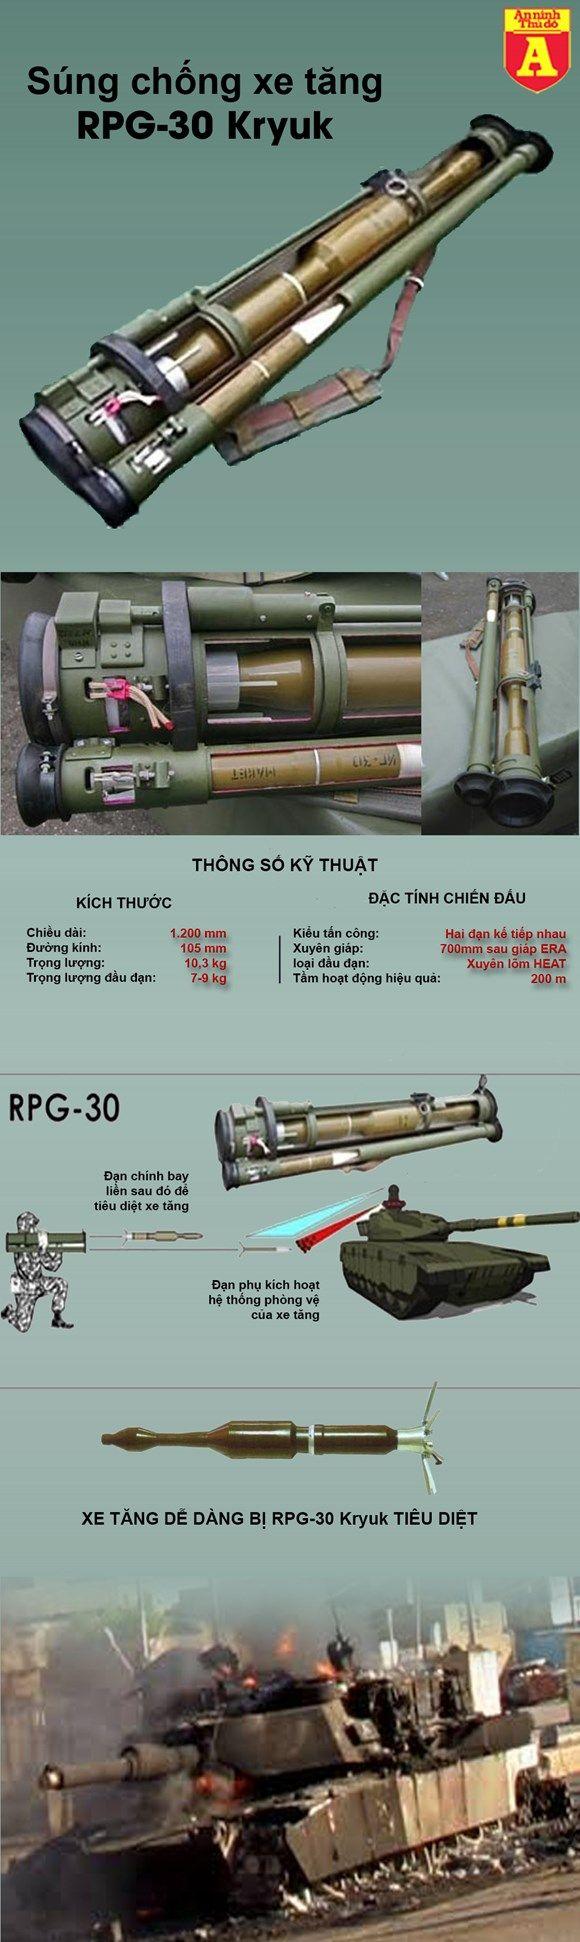 Sức mạnh của súng diệt xe tăng RPG-30 của Nga